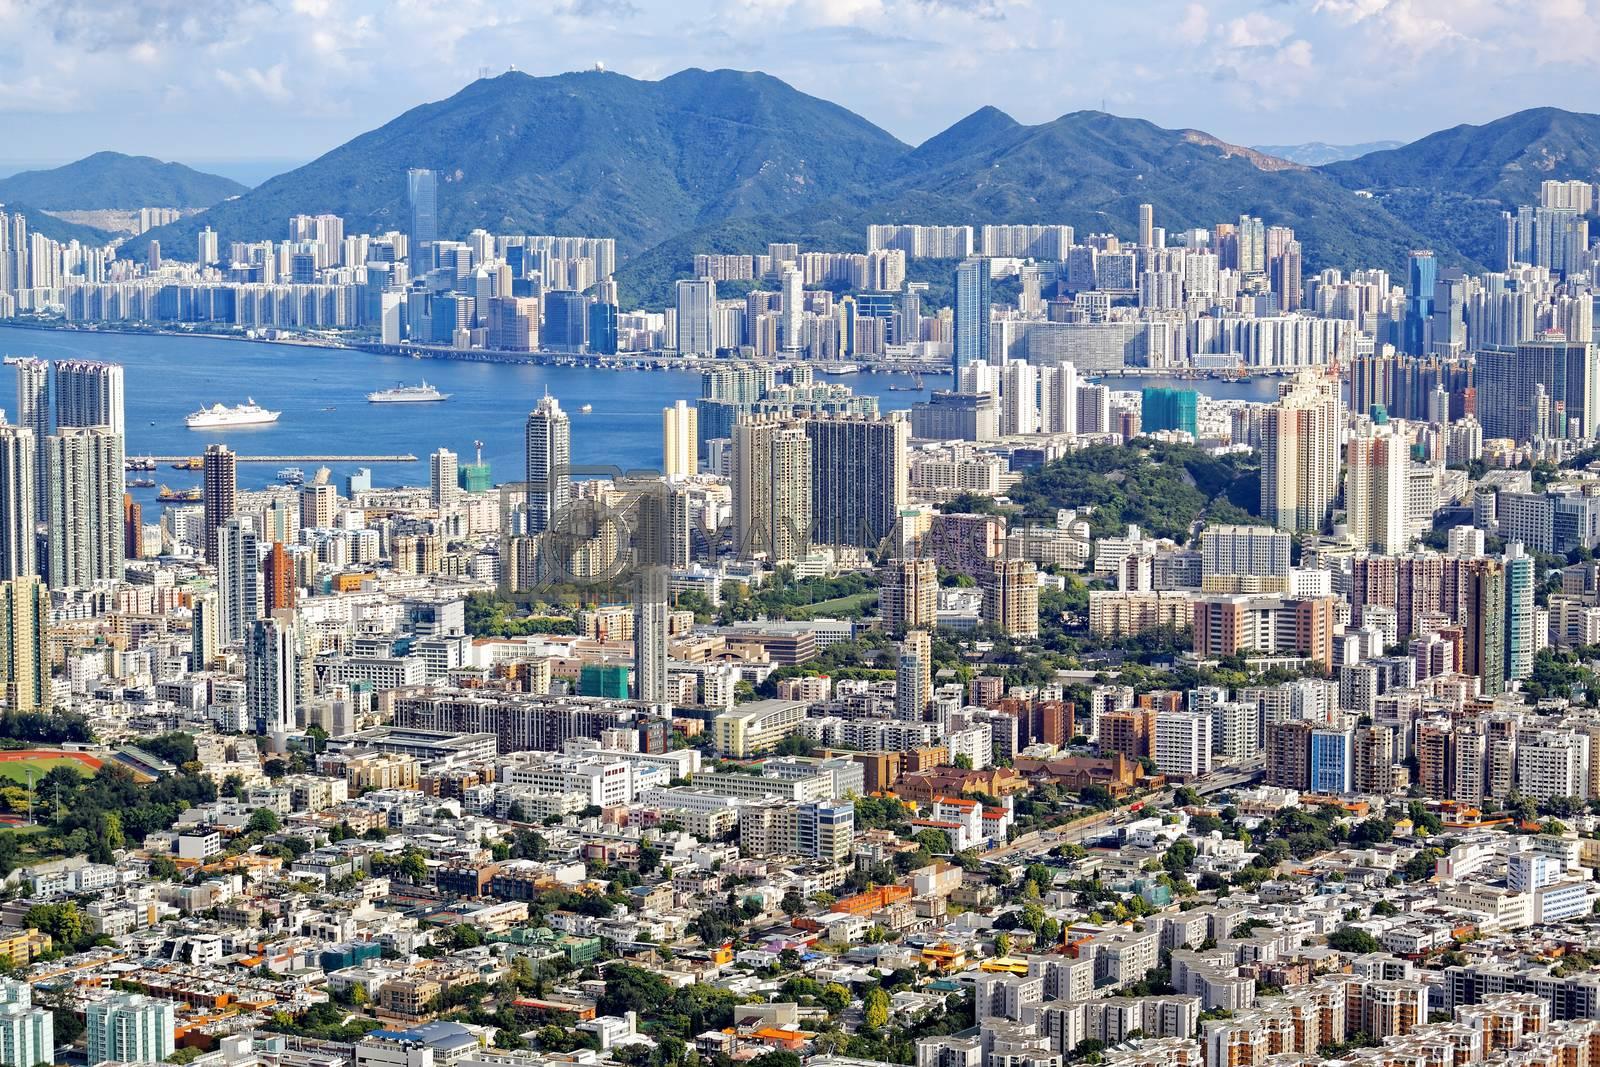 Royalty free image of Hong Kong by cozyta